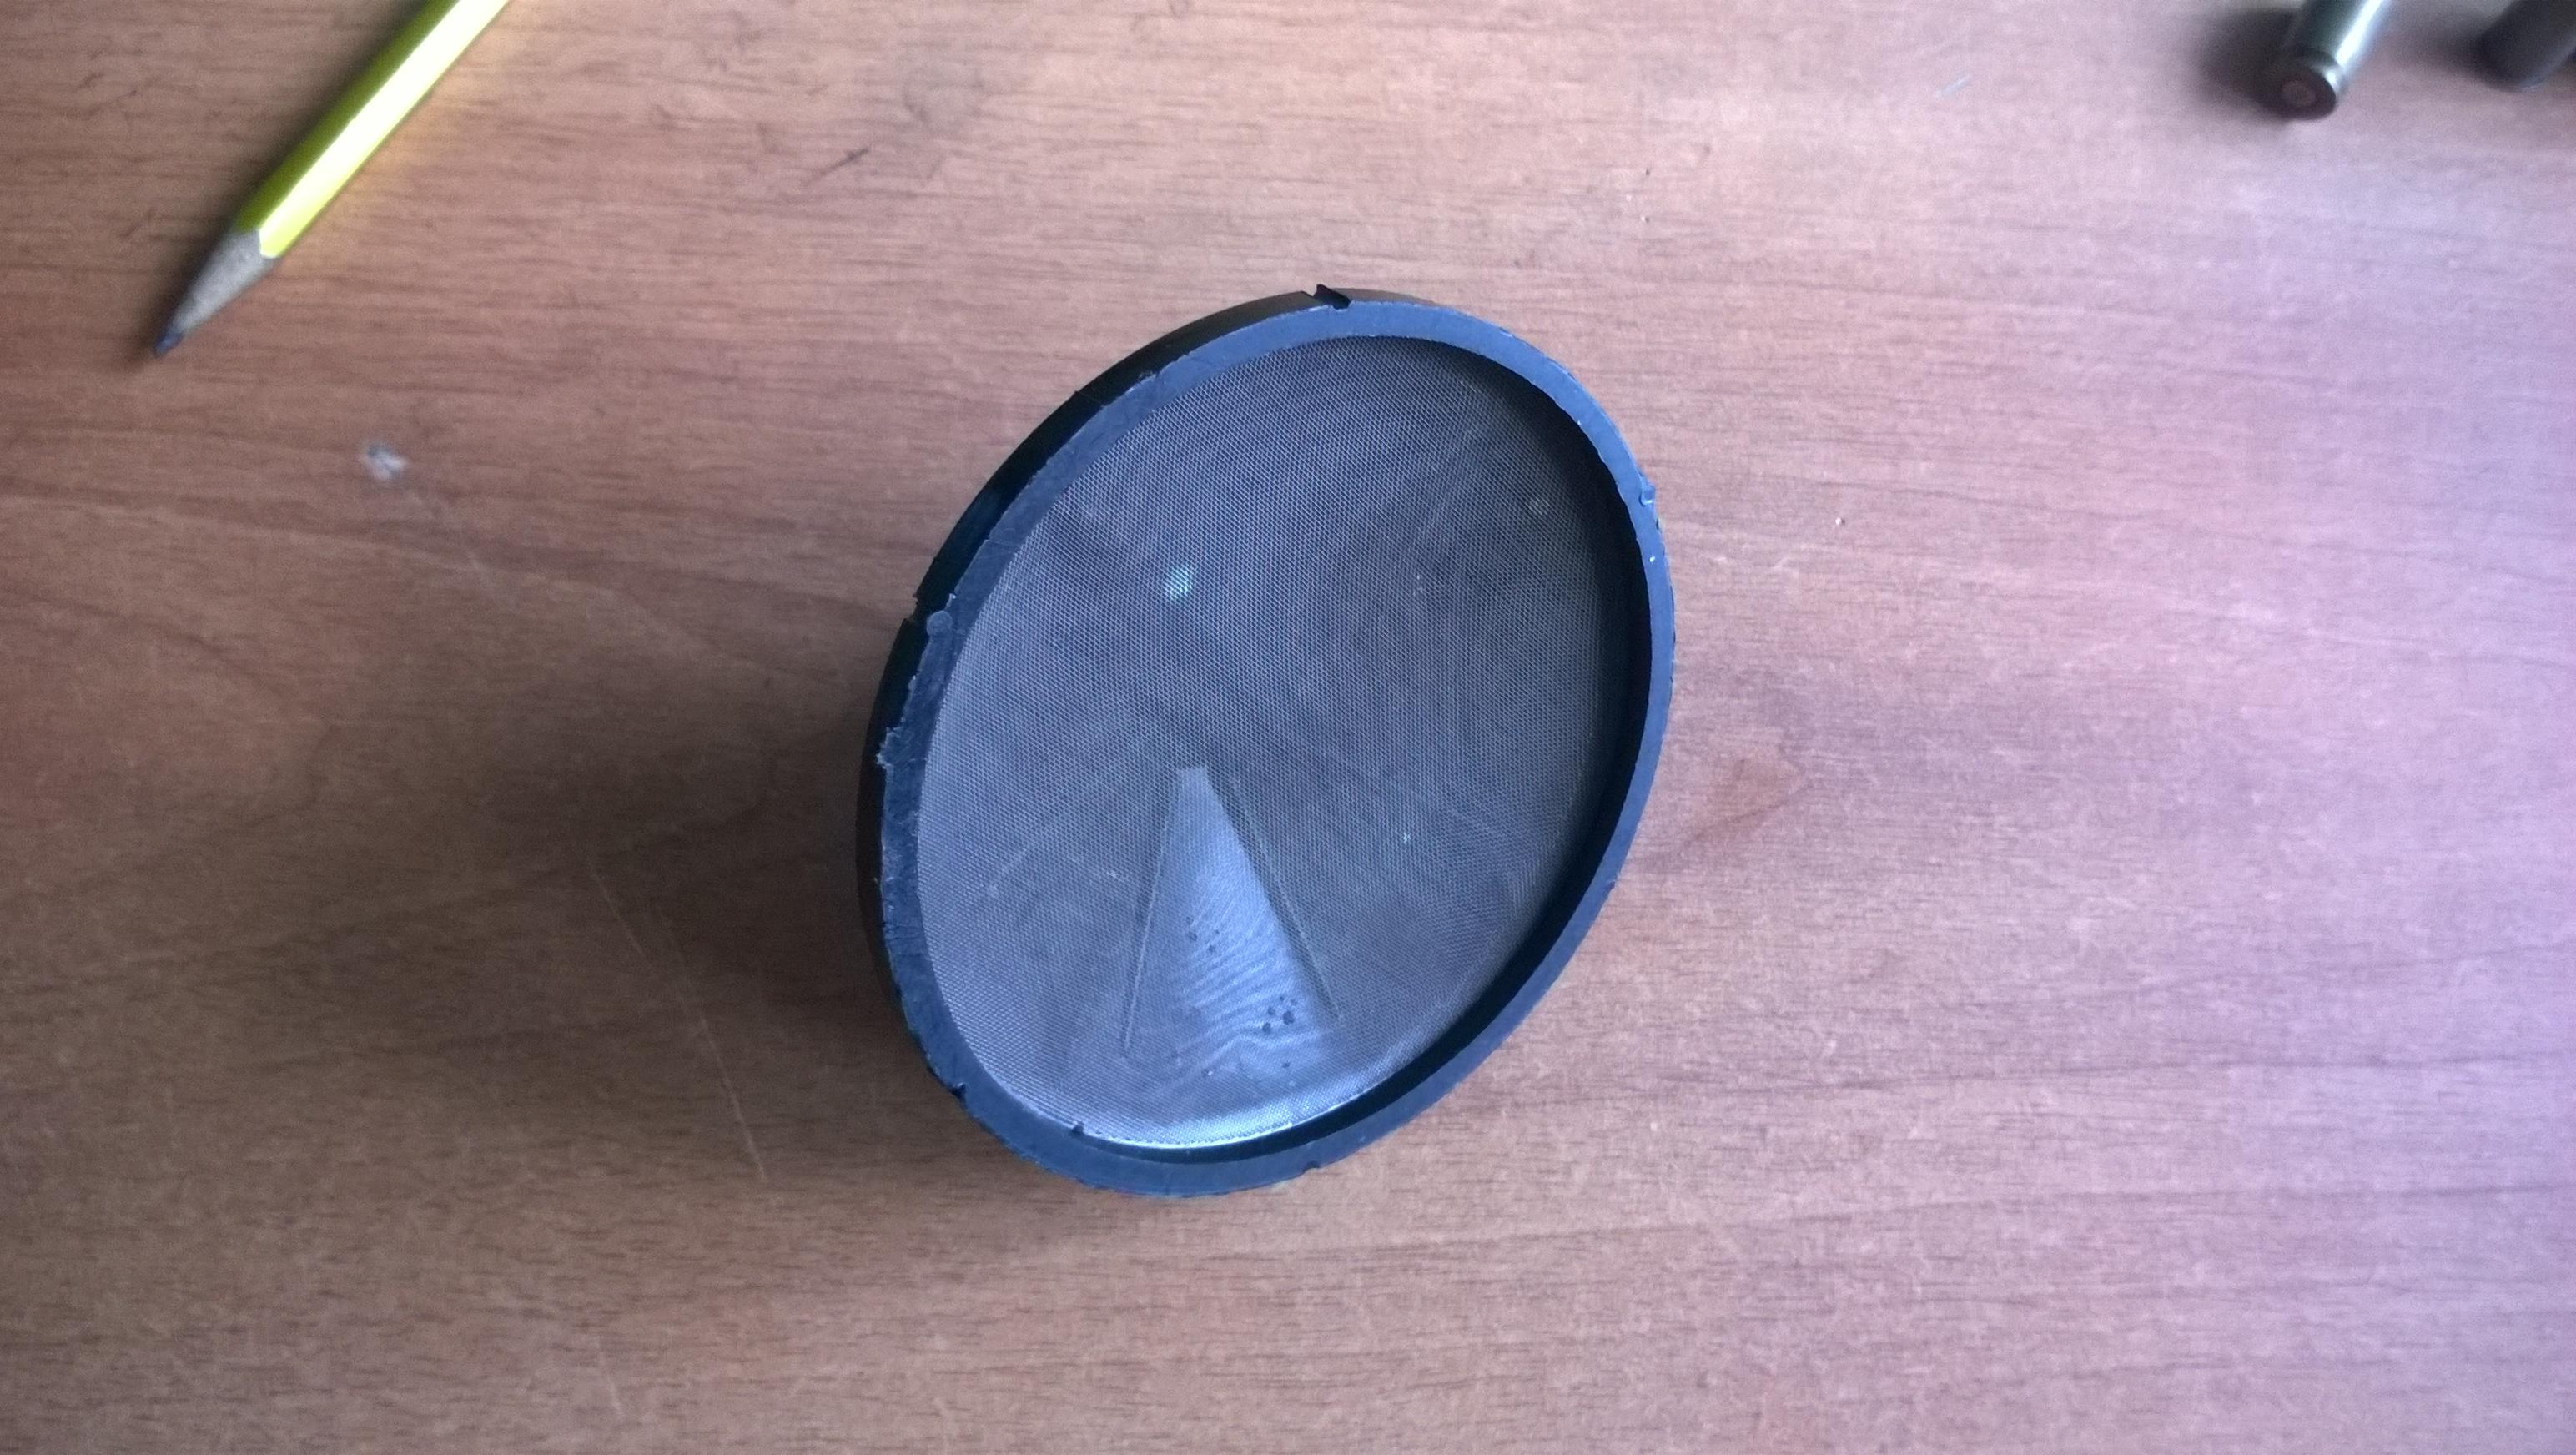 МТЗ 80, замена старого топливного фильтра на фильтр нового.